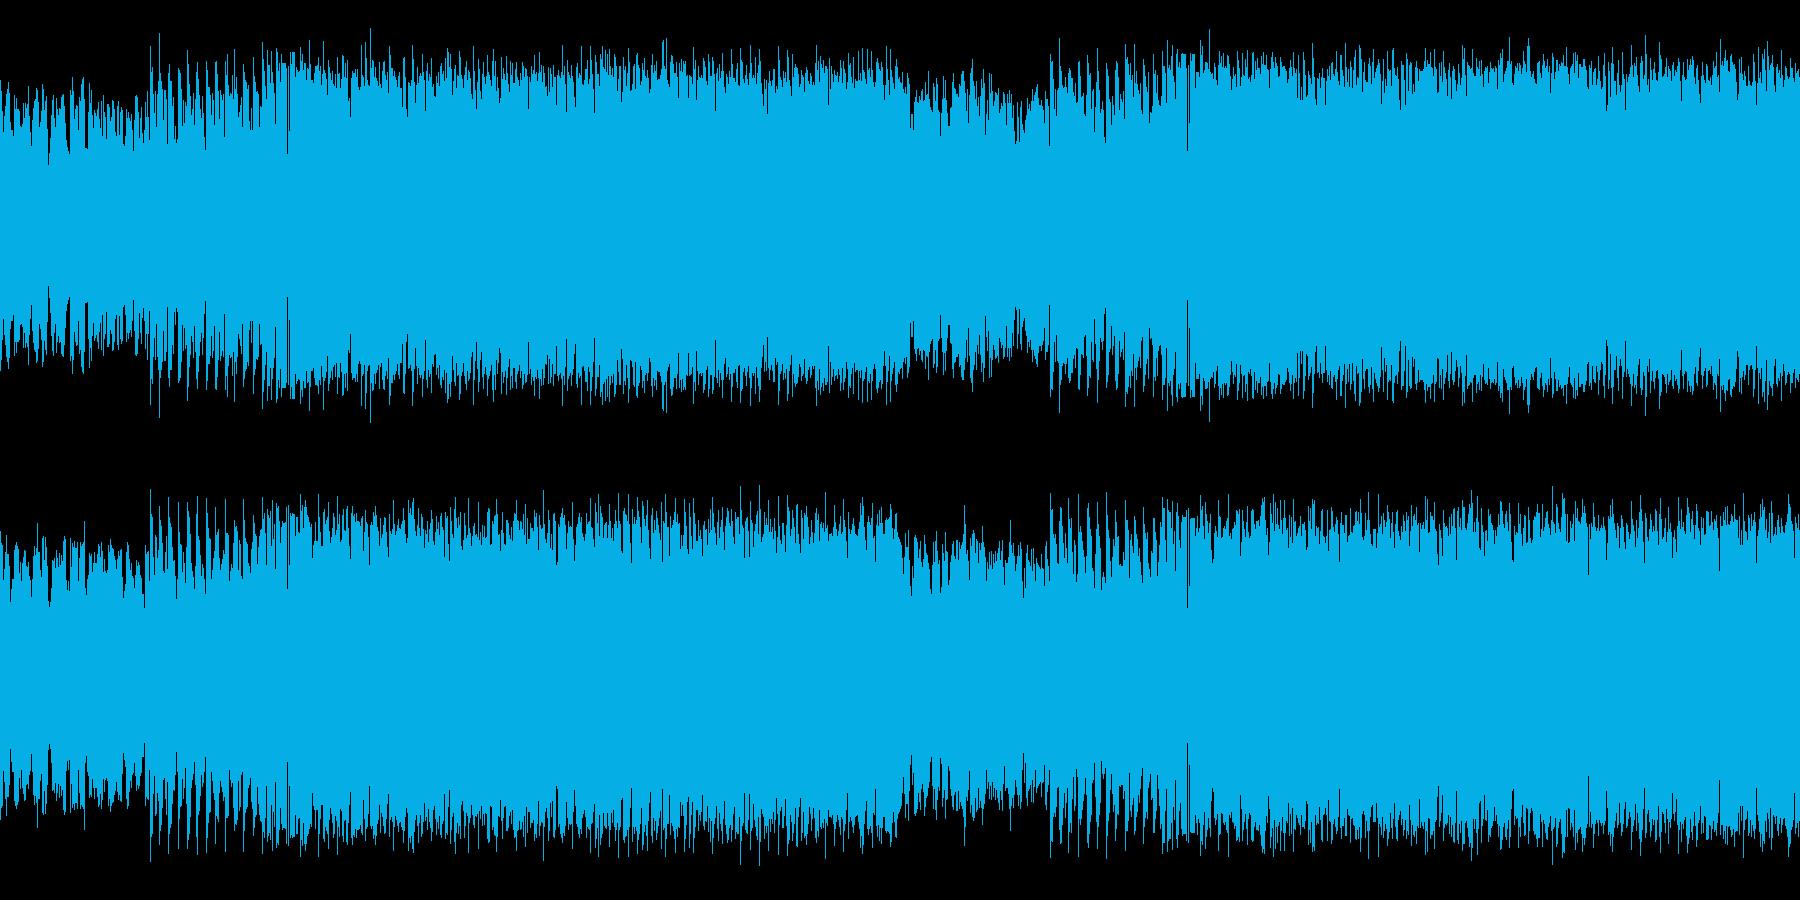 幻想的で勇壮な雰囲気のハウスミュージックの再生済みの波形